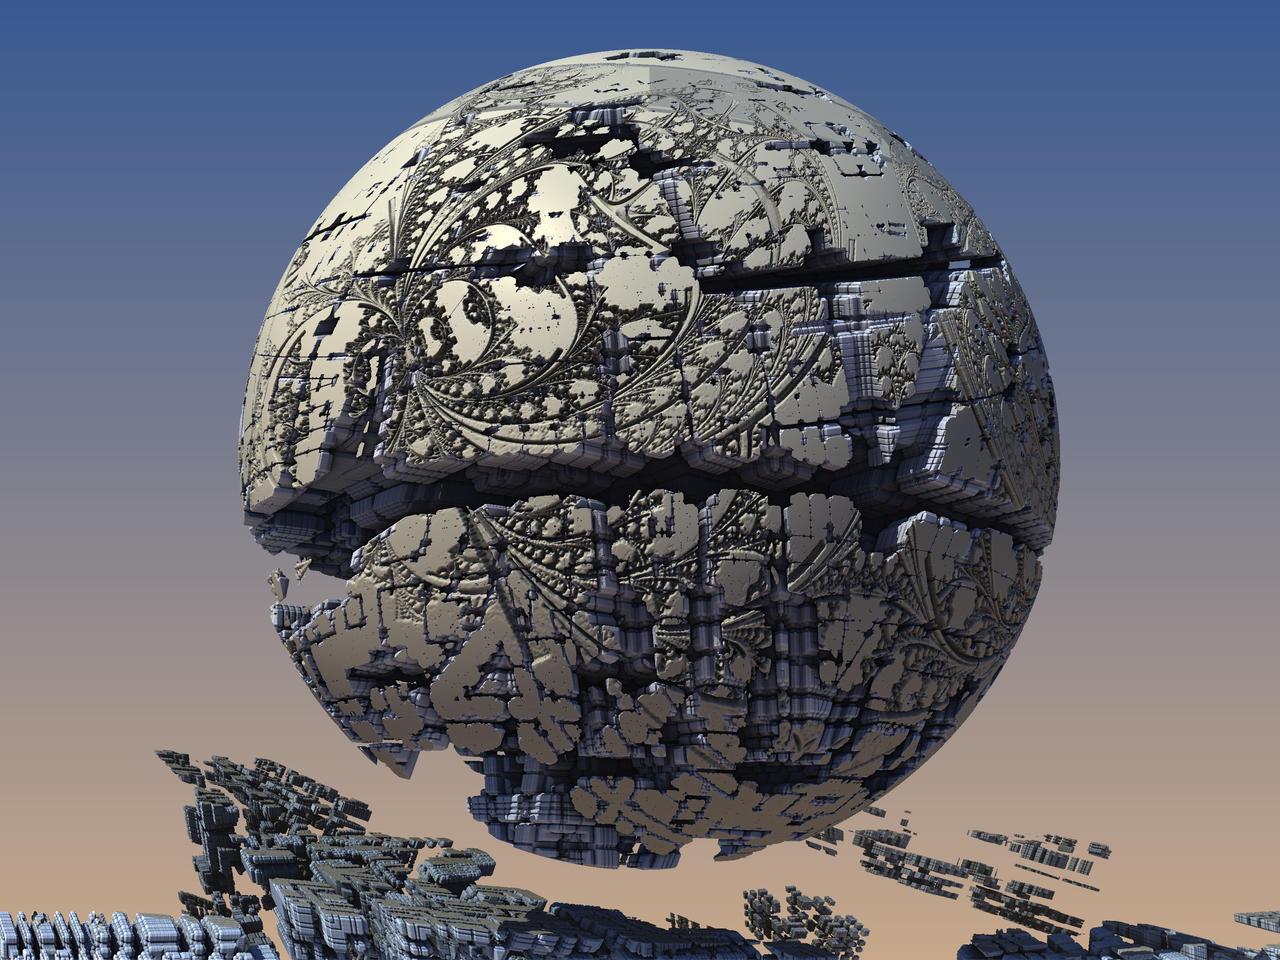 Shattered Sphere